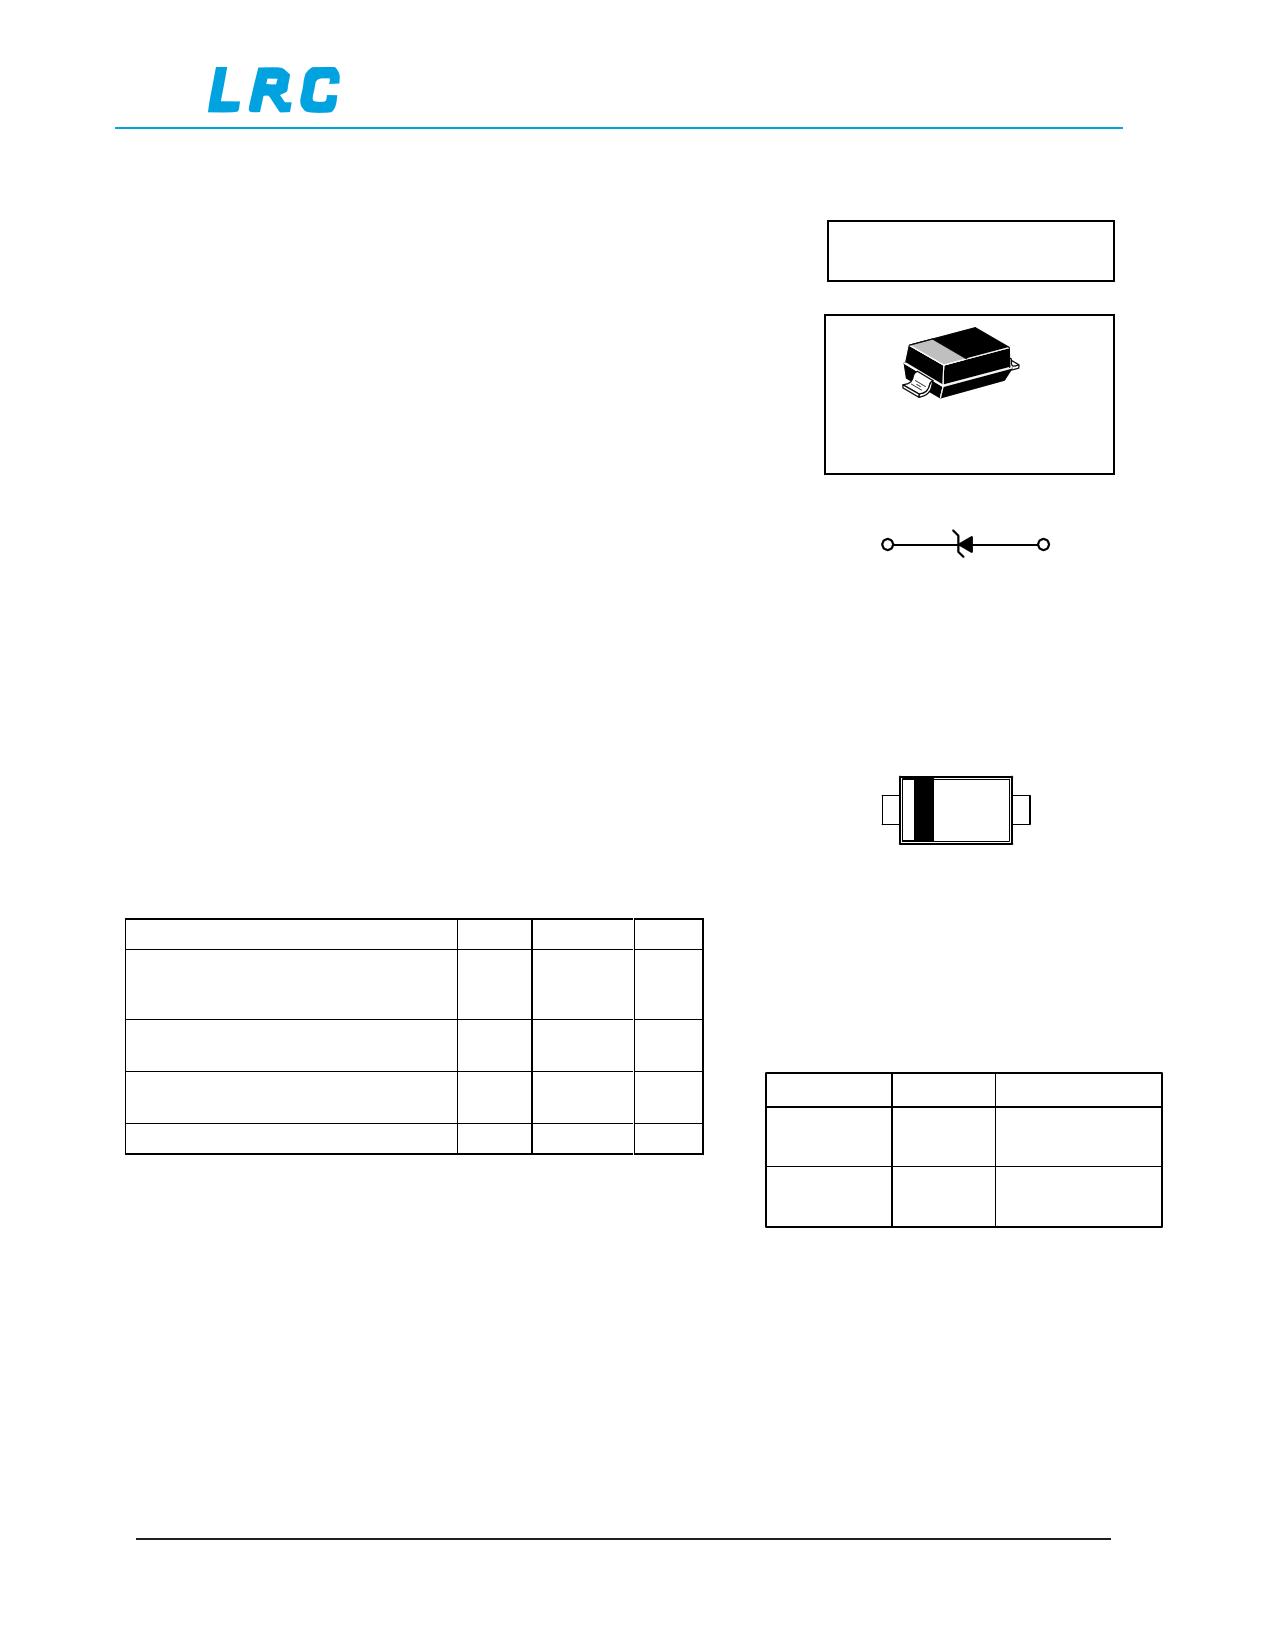 LMSZ4707T1G datasheet, circuit